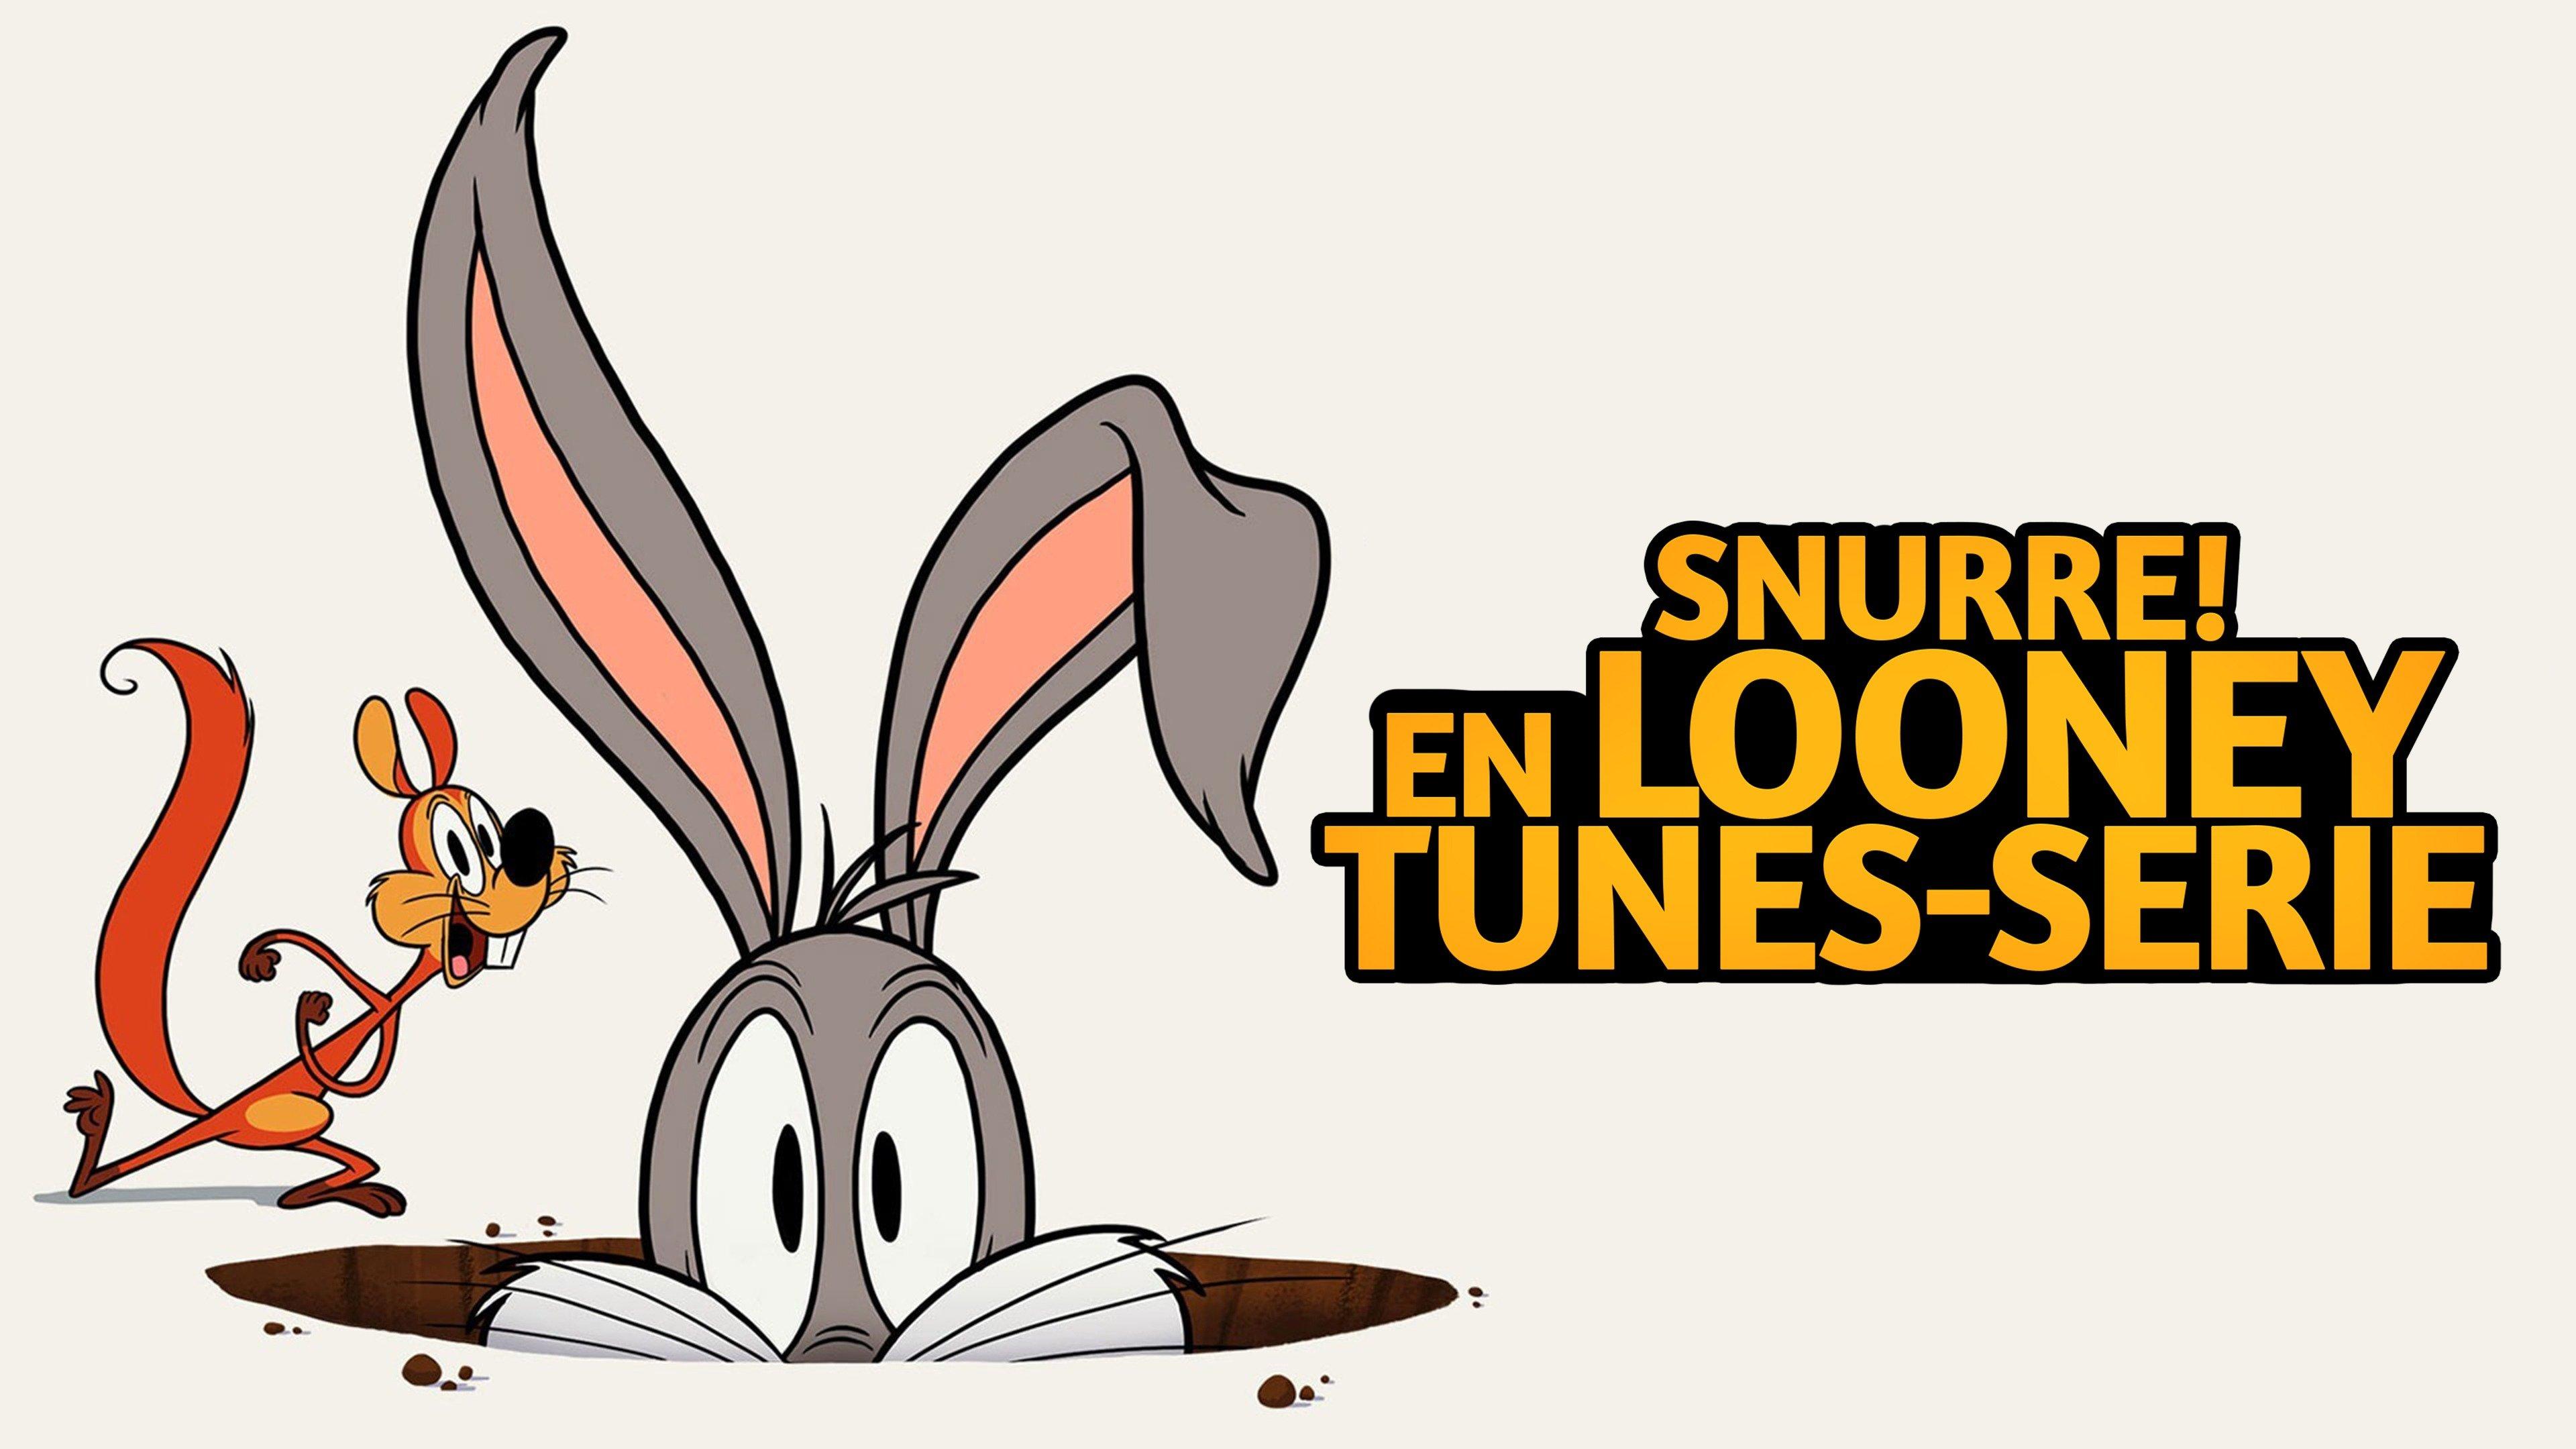 Snurre! En Looney Tunes-serie